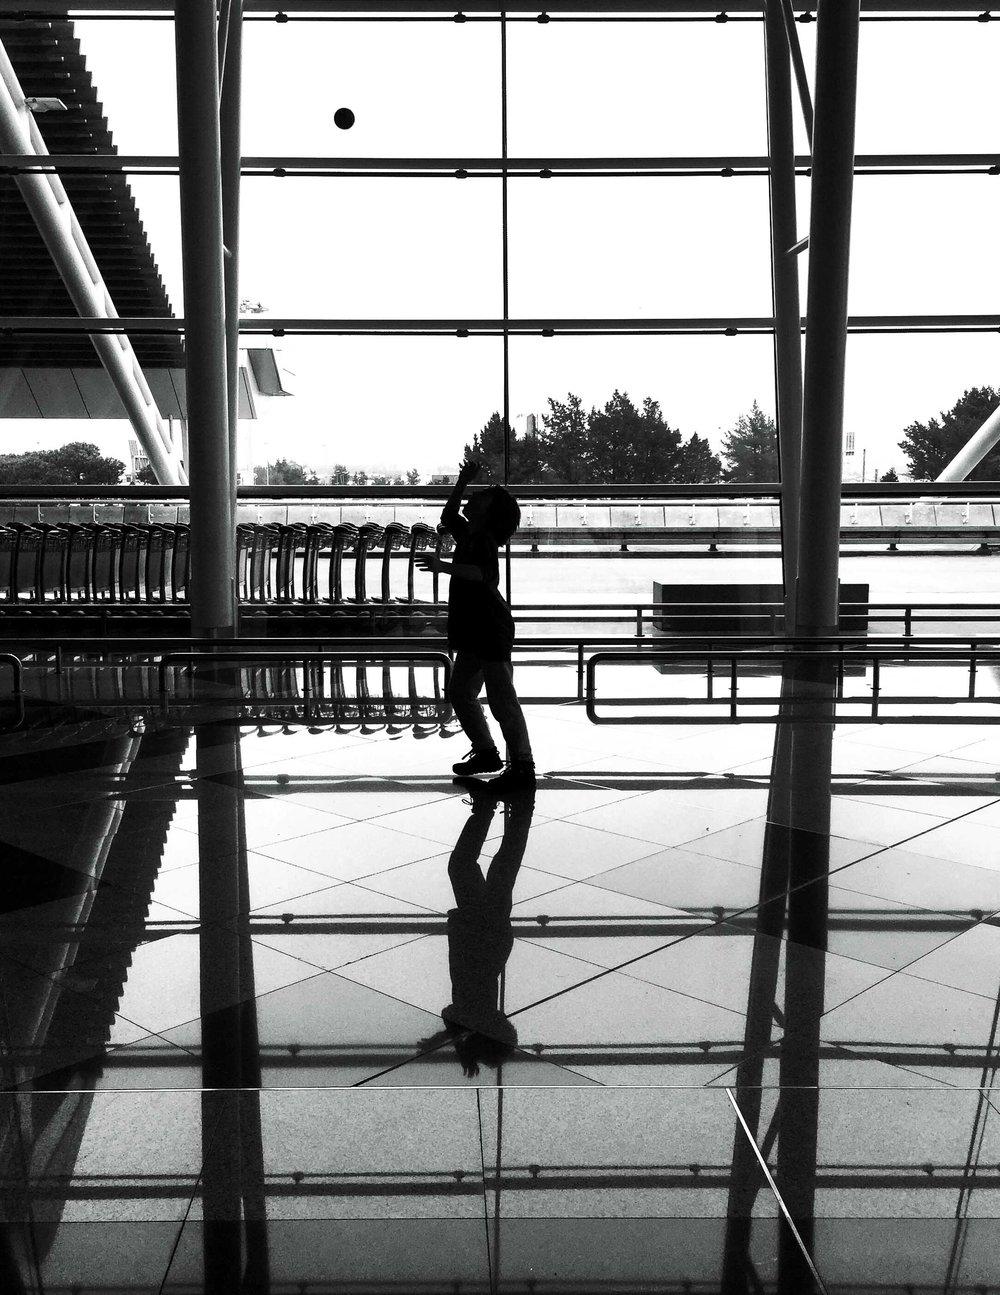 Cabra pequeña jugando en el aeropuerto de Oporto